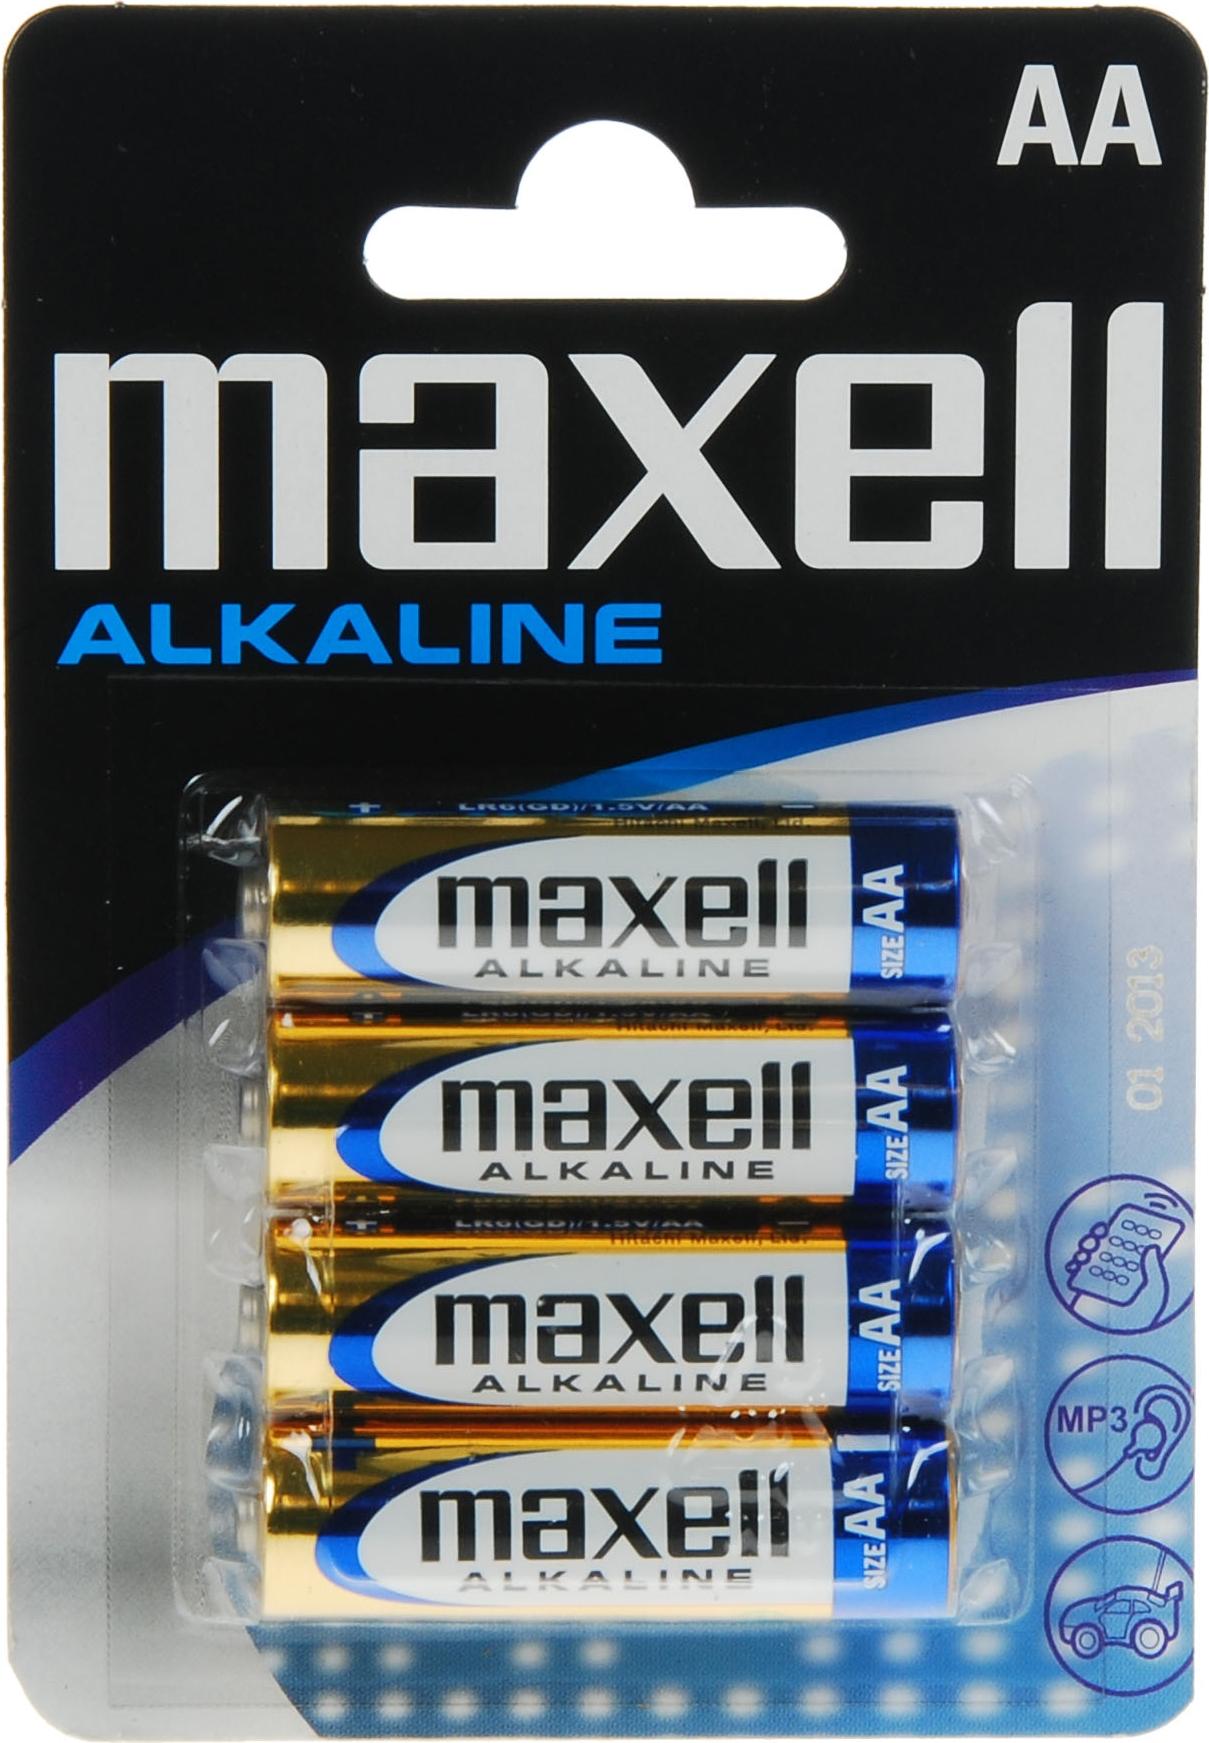 Maxell batterier, AA (LR06), Alkaline, 1,5V, 4-pack thumbnail